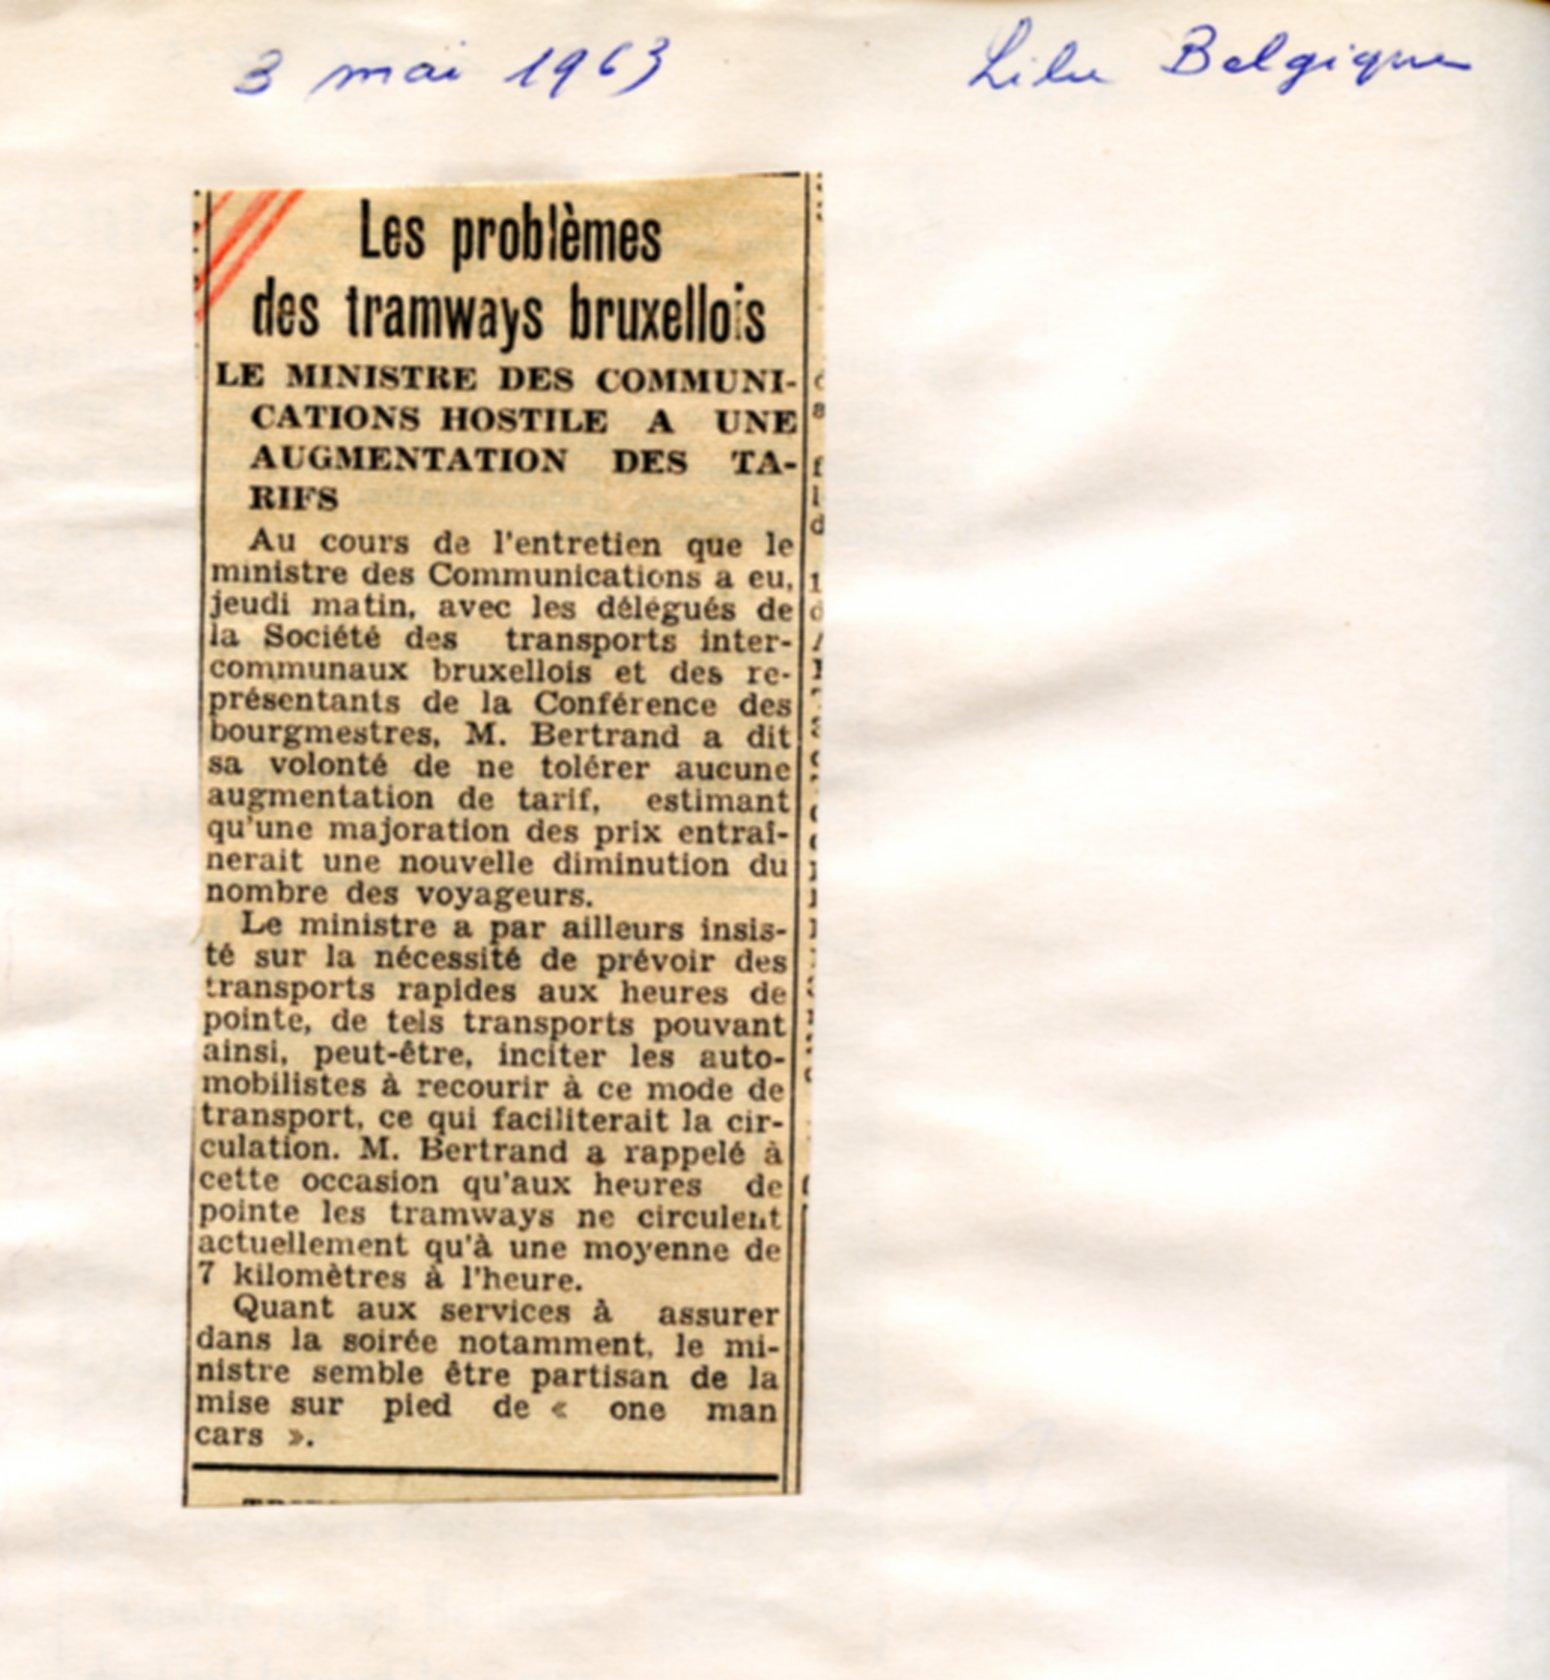 La Libre Belgique - 03/05/1963